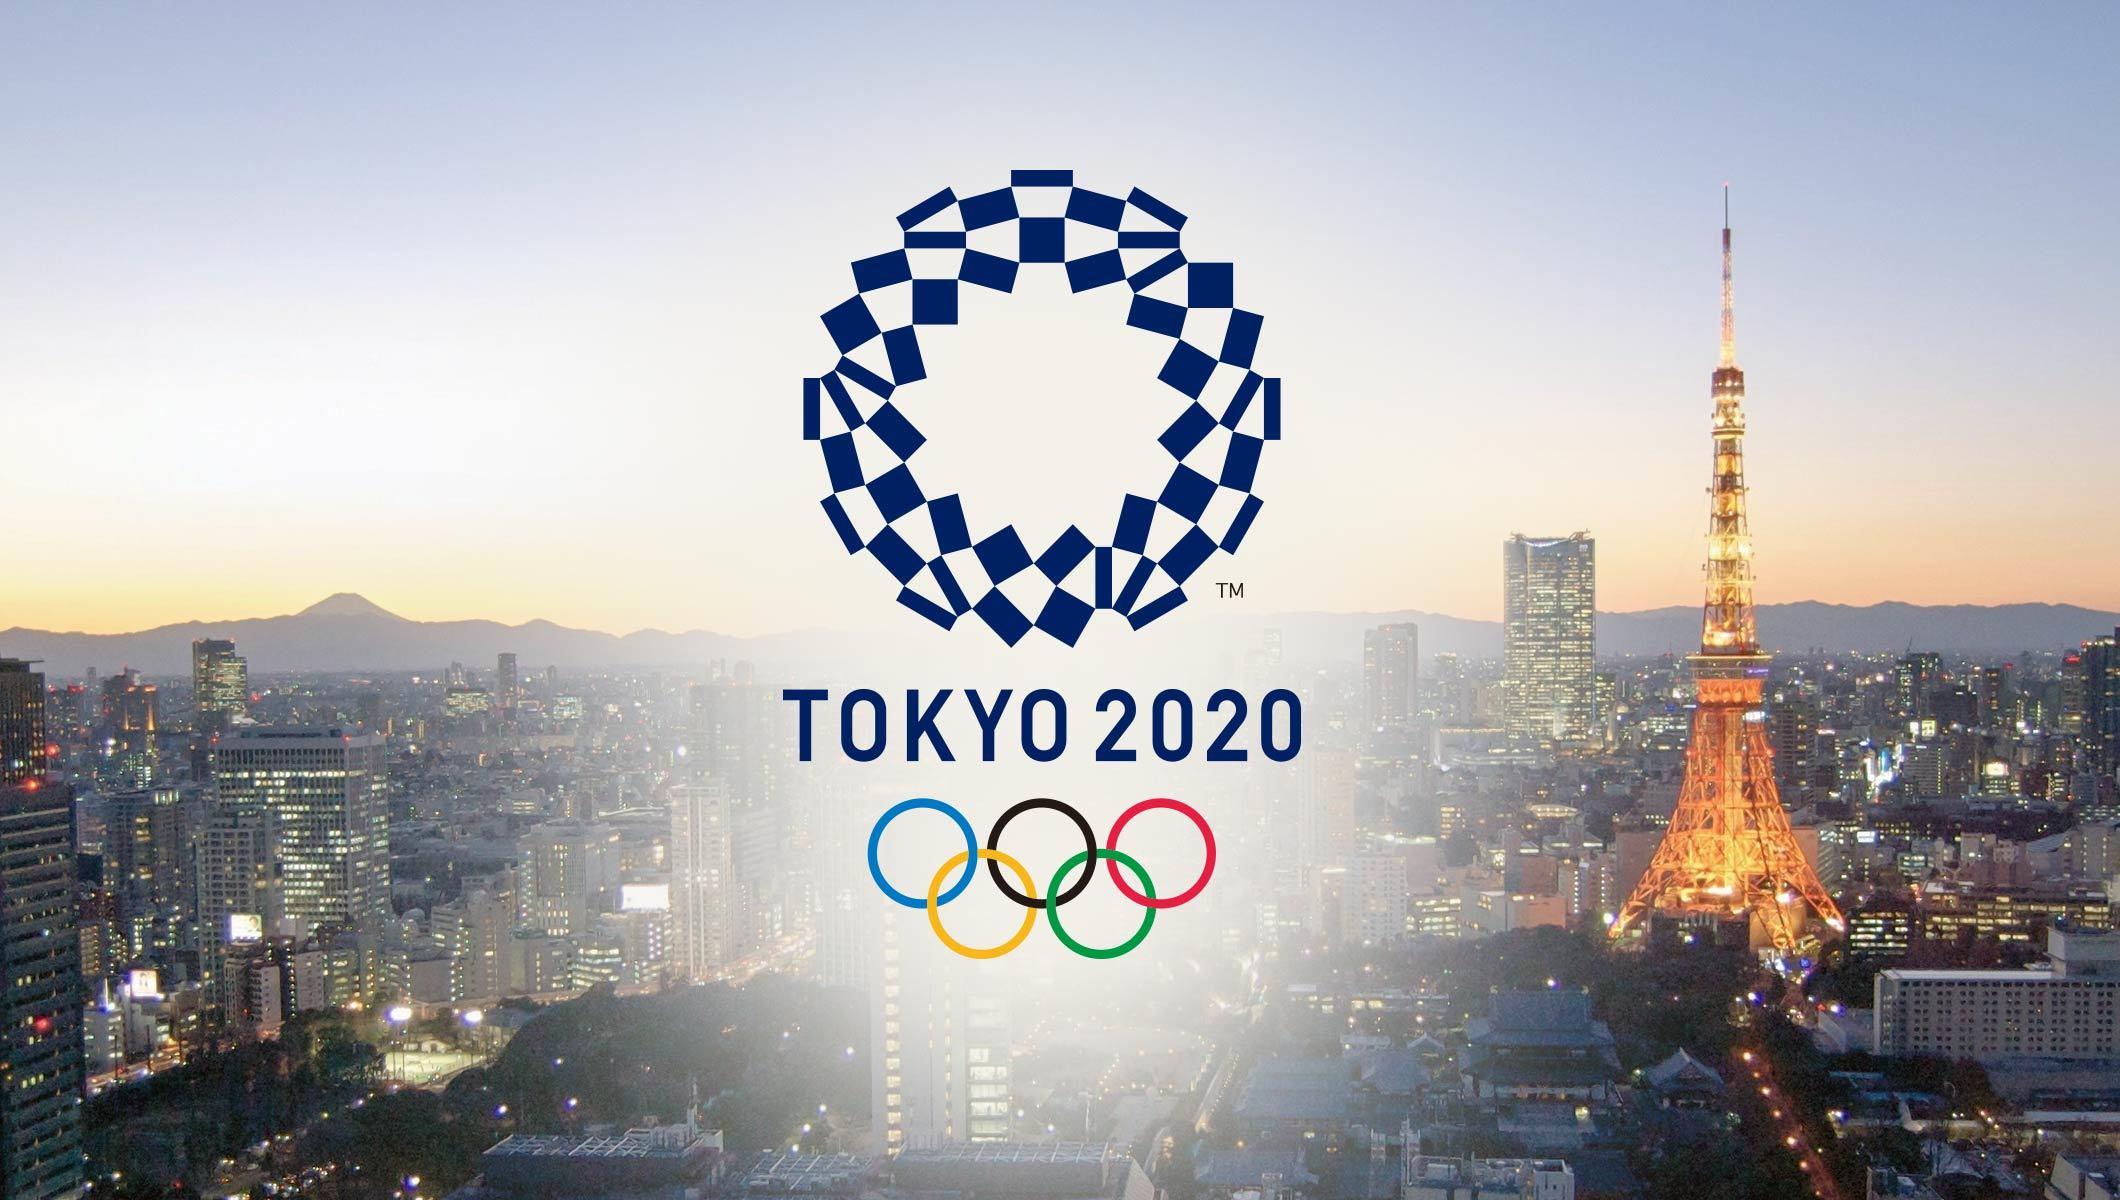 Organizatorii Jocurilor Olimpice pun la dispoziție un ghid pentru jurnaliștii acreditați la competiția din Japonia